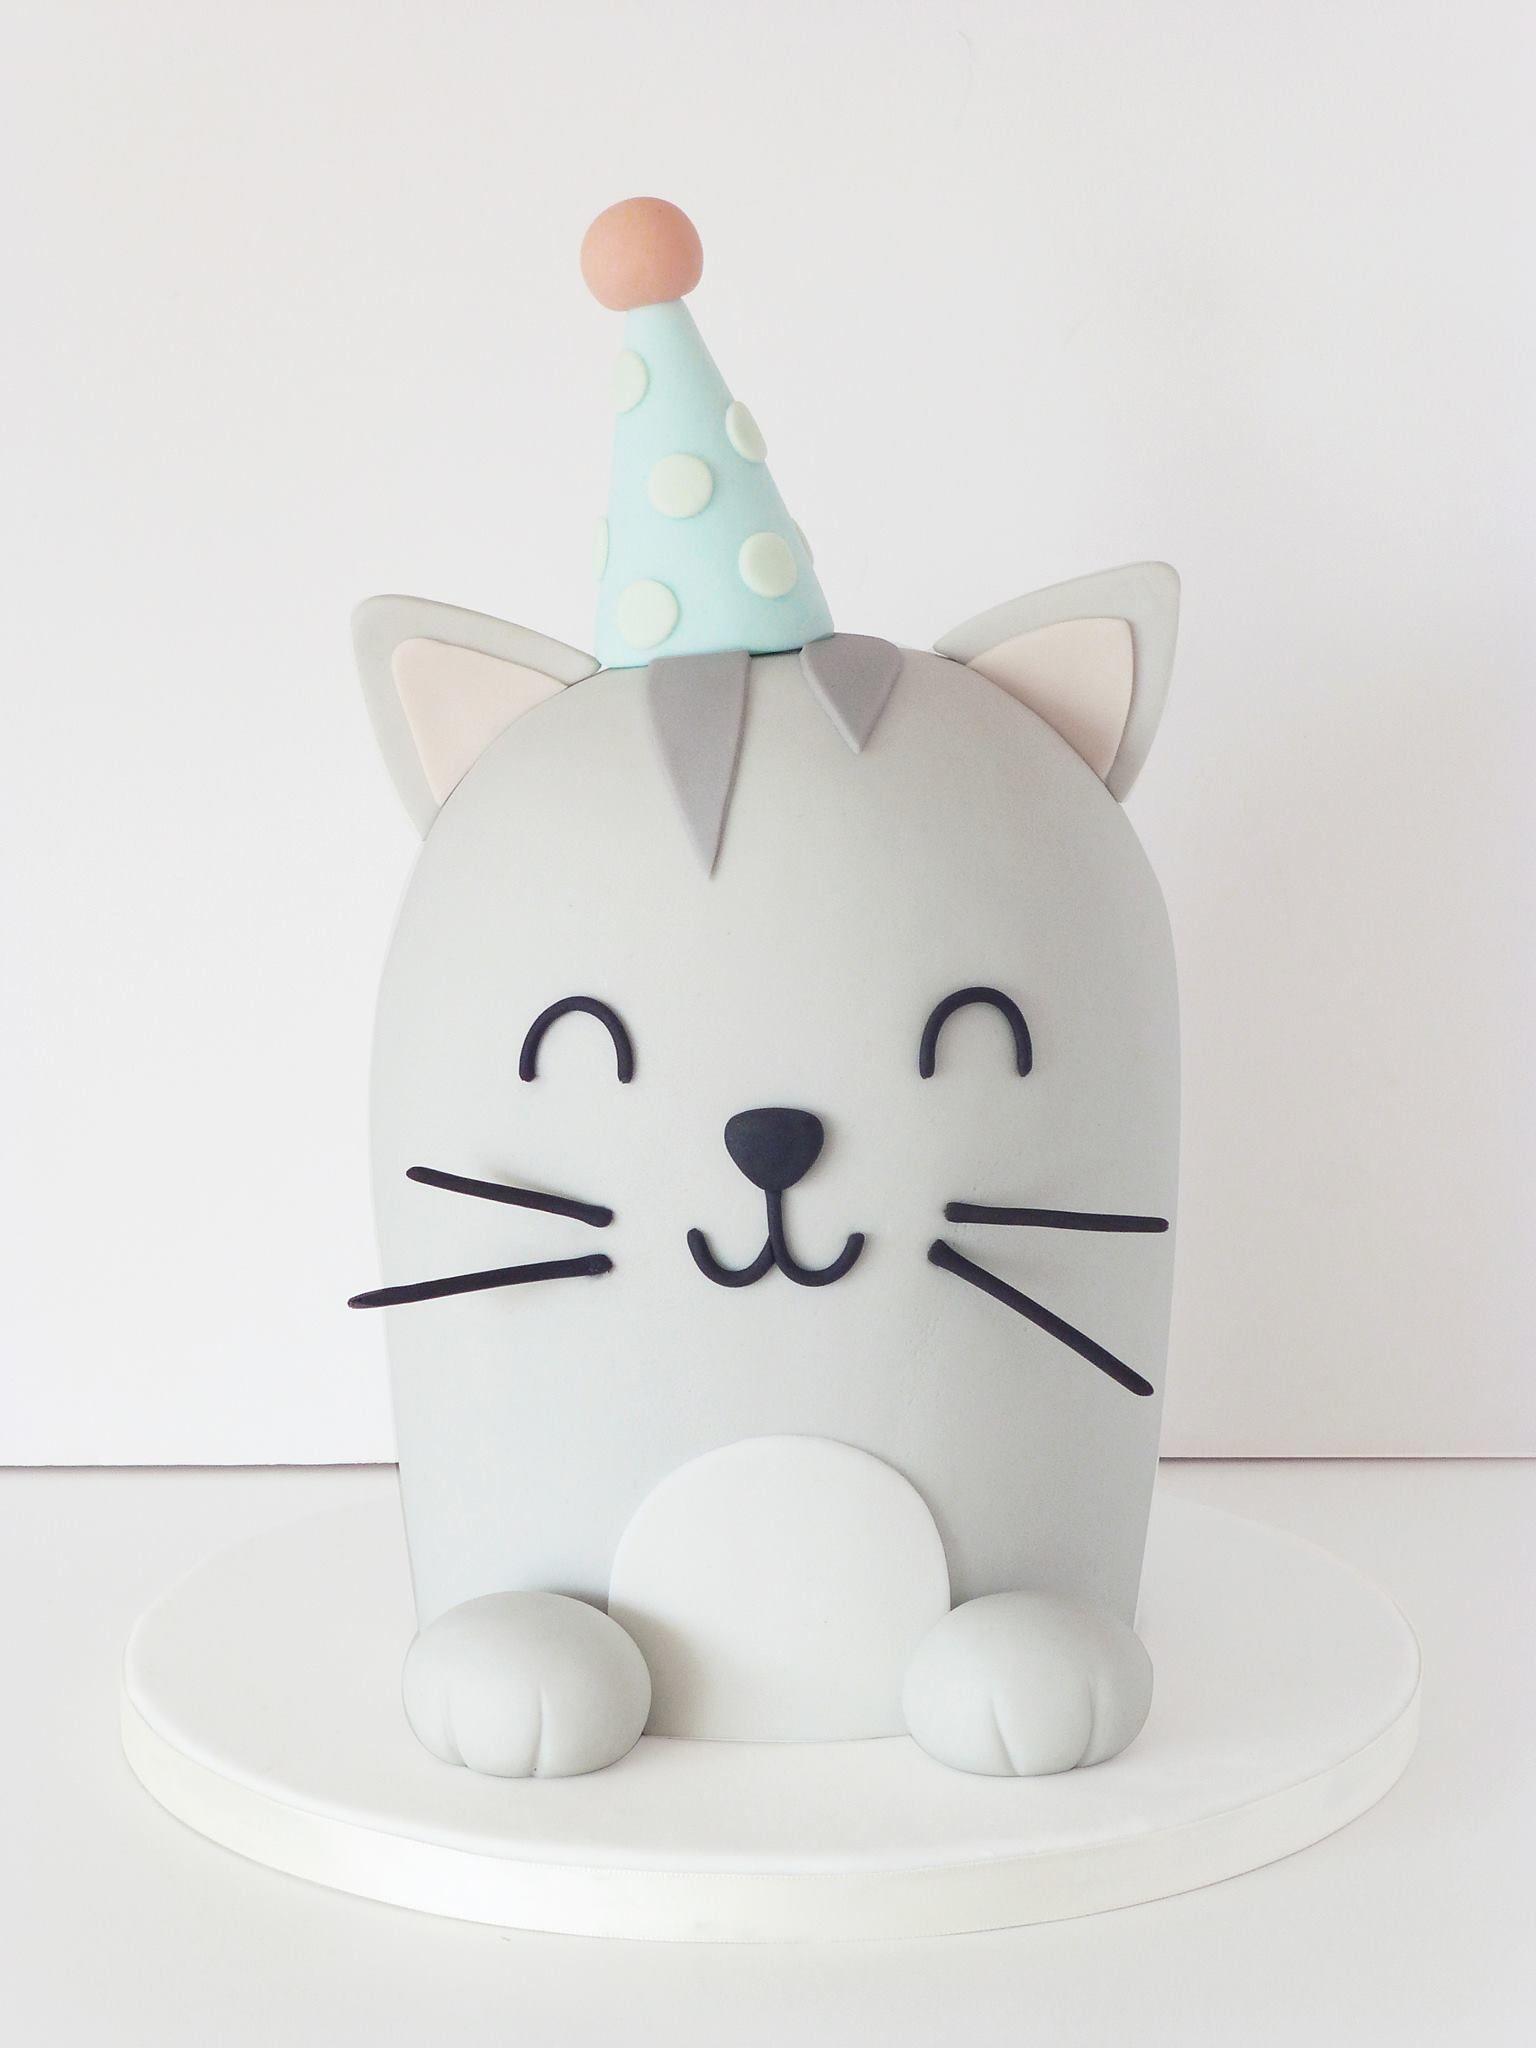 Torta gato … | mesa de postresmesa | Pinterest | Tortilla, Gato y ...